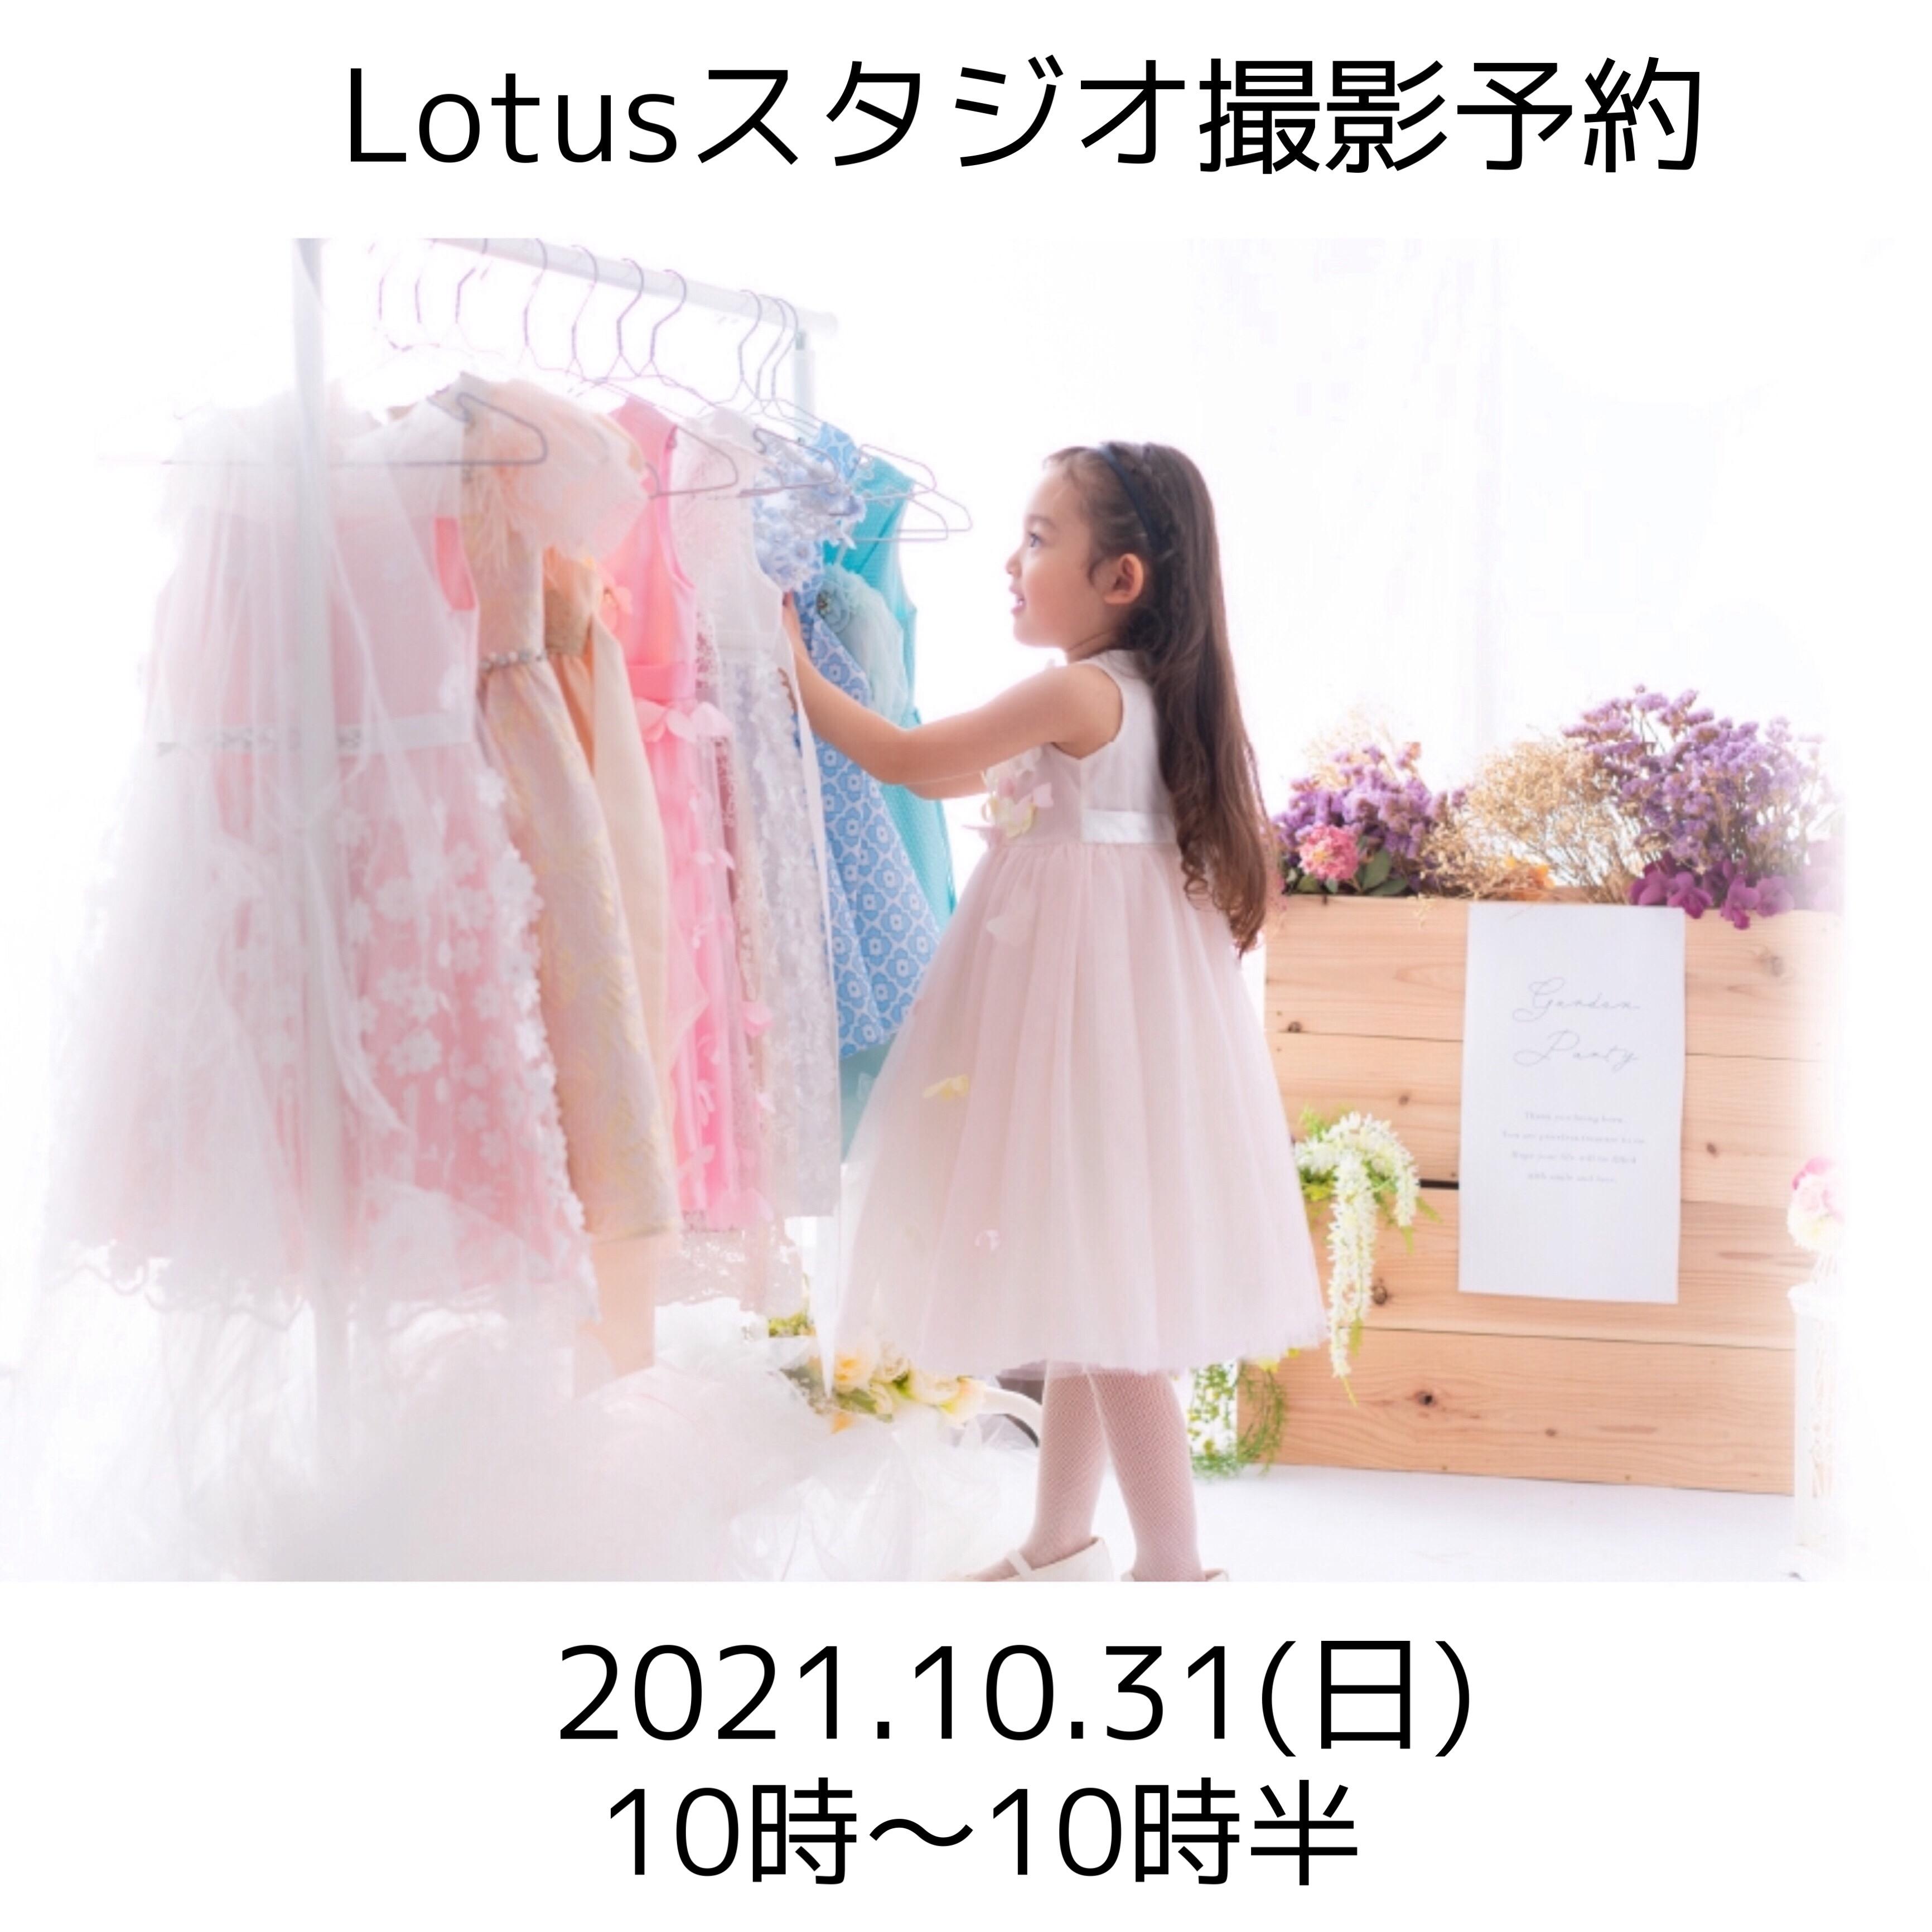 キャンペーン価格:スタジオLotus/GardenParty撮影プラン2021.10.31(日)10時~10時半